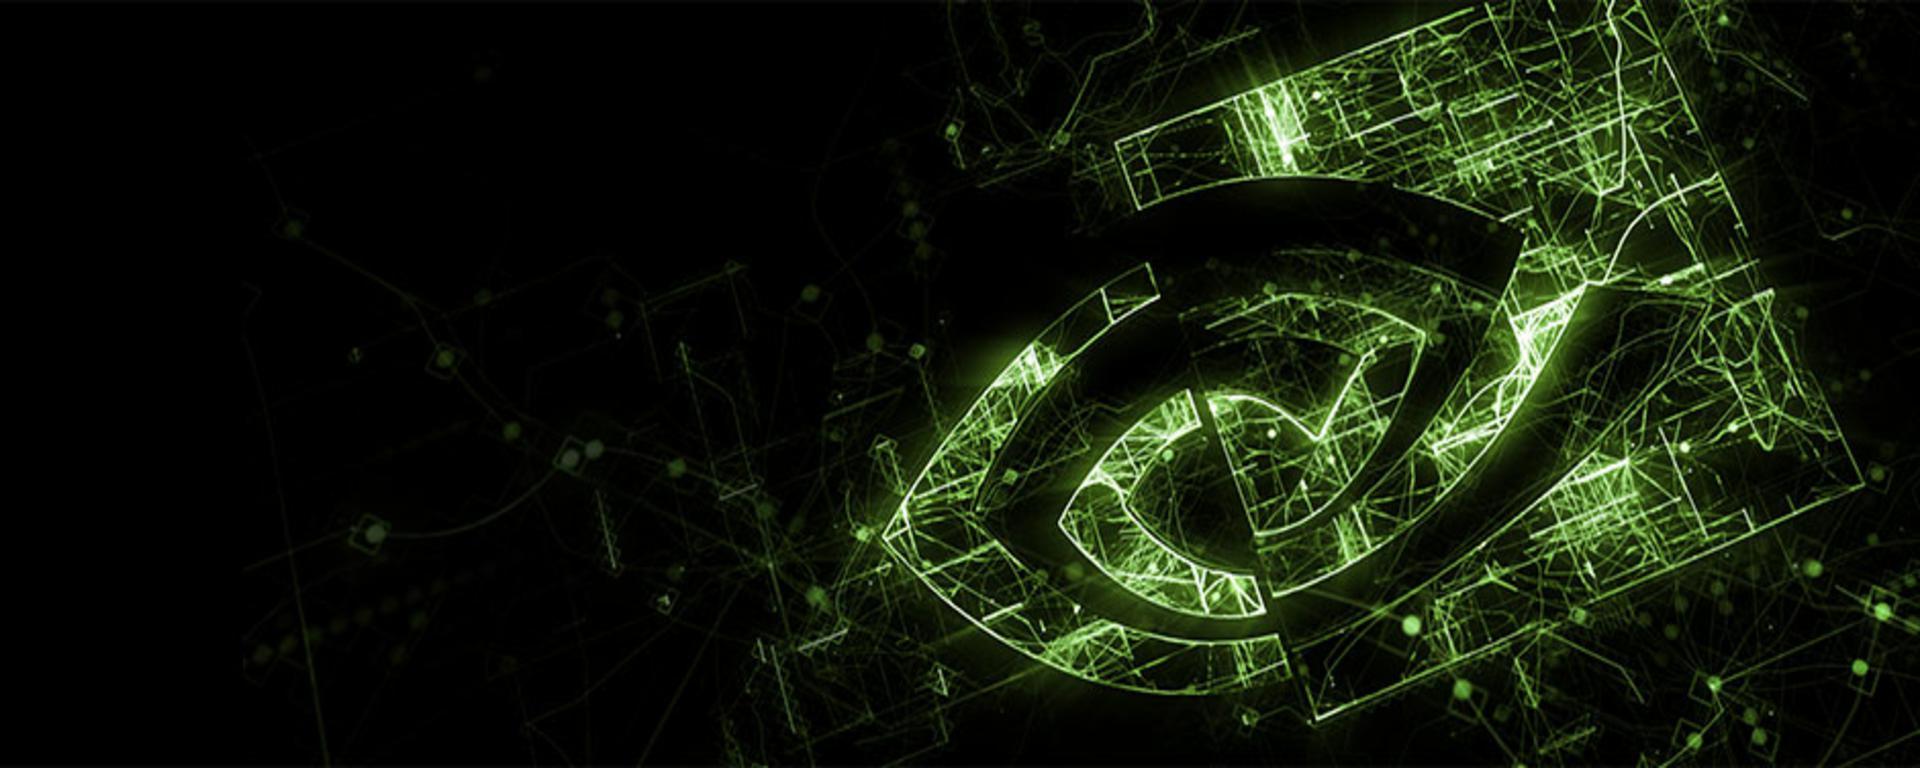 Crise na mineração de criptomoedas atinge Nvidia